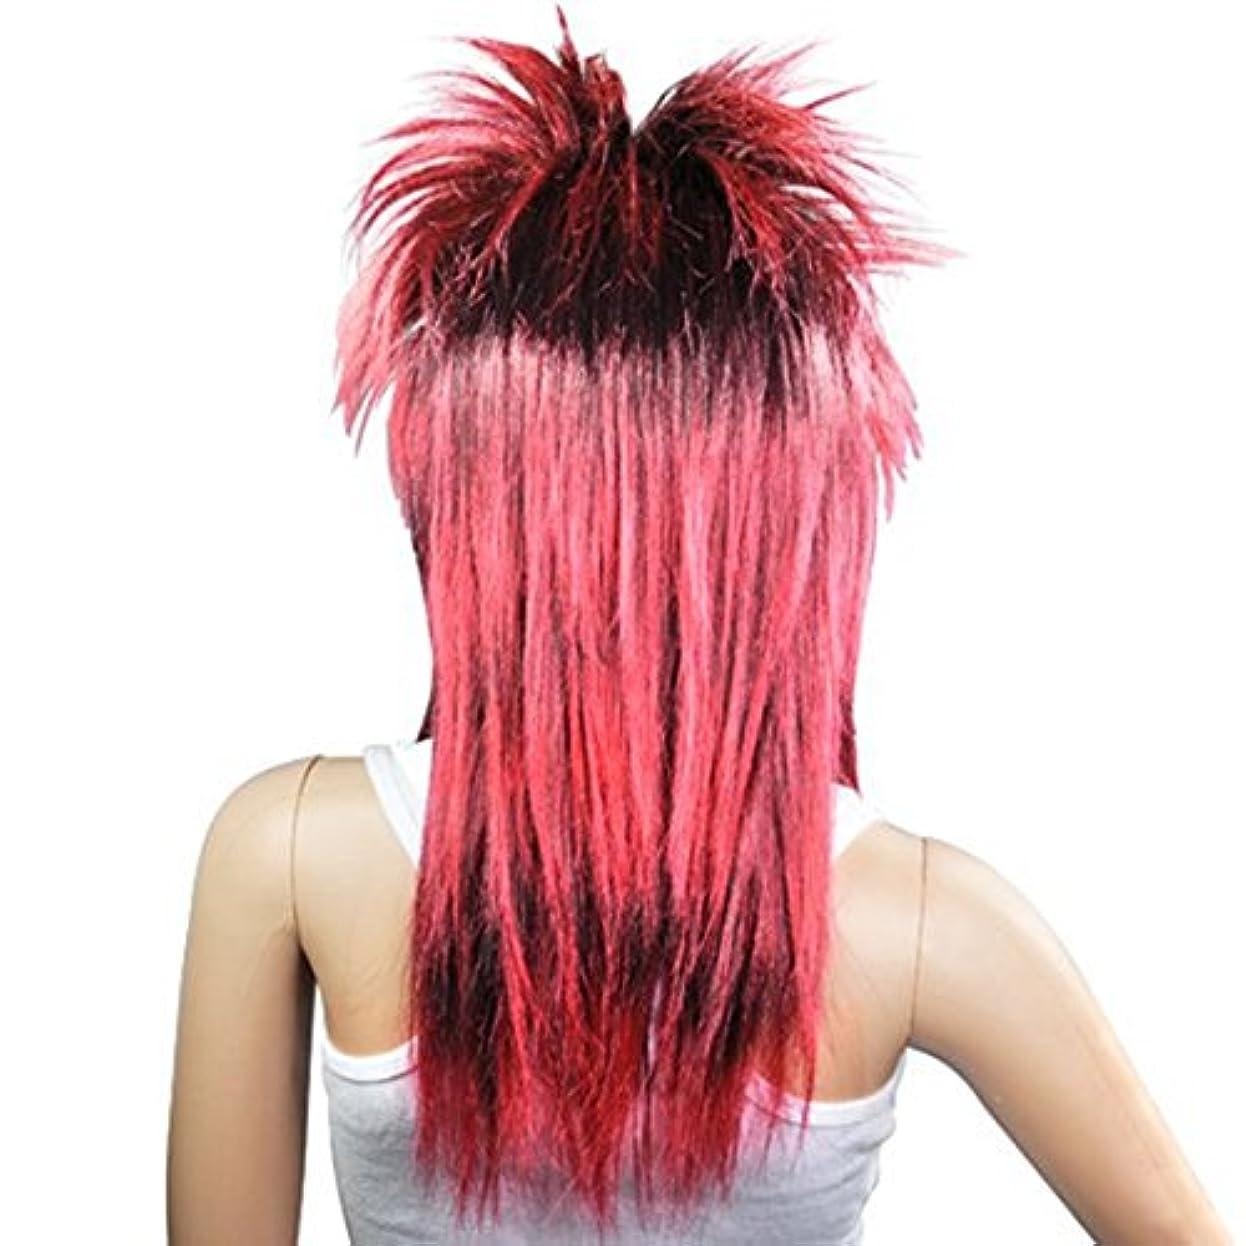 安心させる暴露メタンACAMPTAR 赤黒 女性の魅力的なパンクロッカーチックティナ?ターナーカーニバルかつら仮装コスチューム